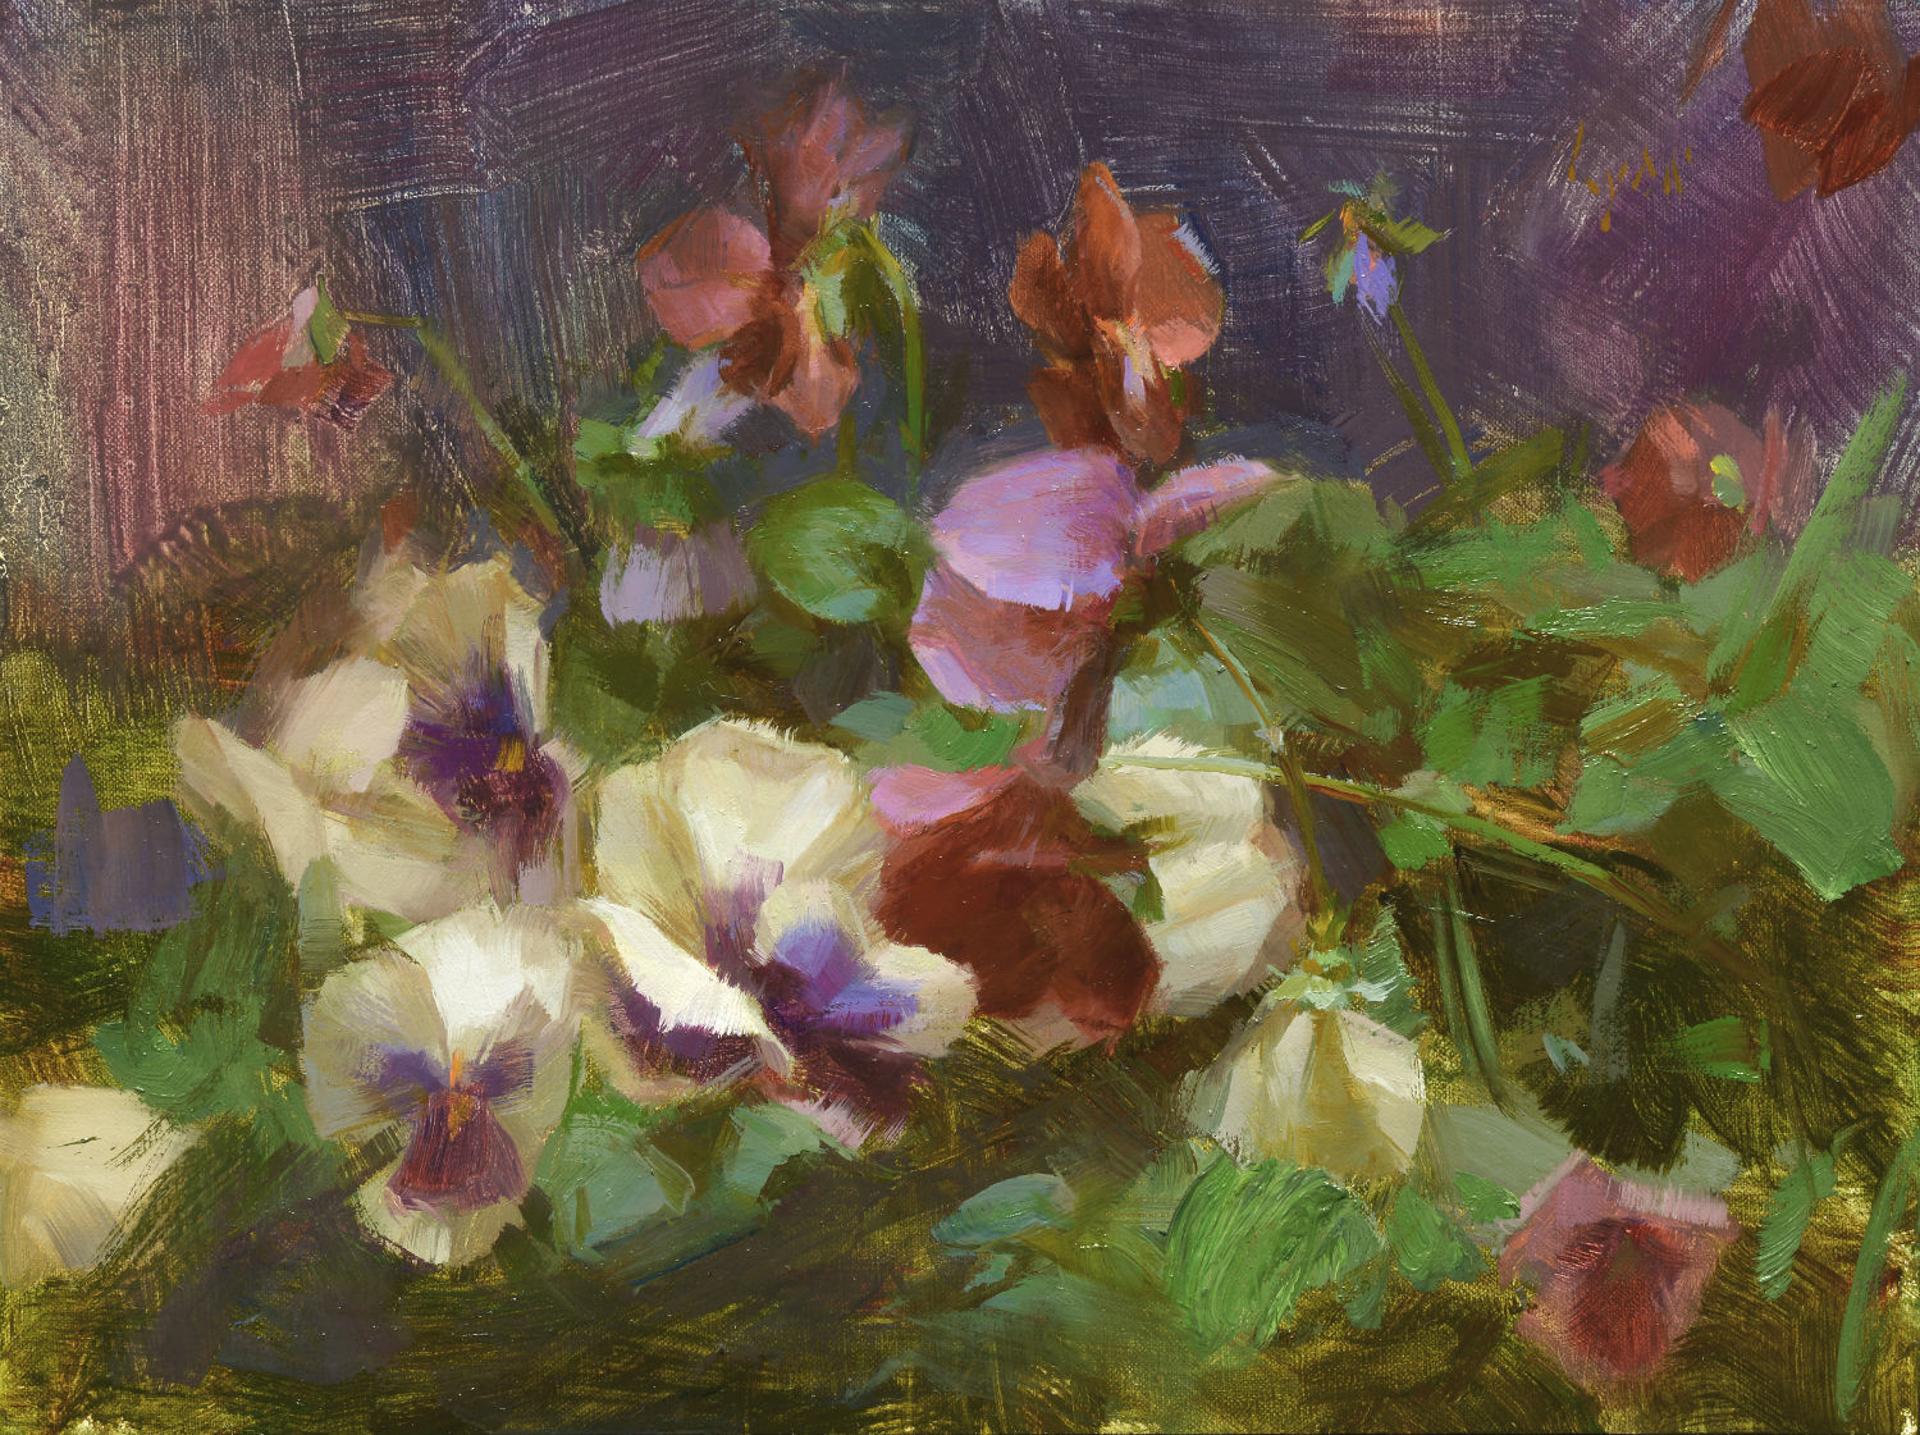 Pansies by Susan Lyon